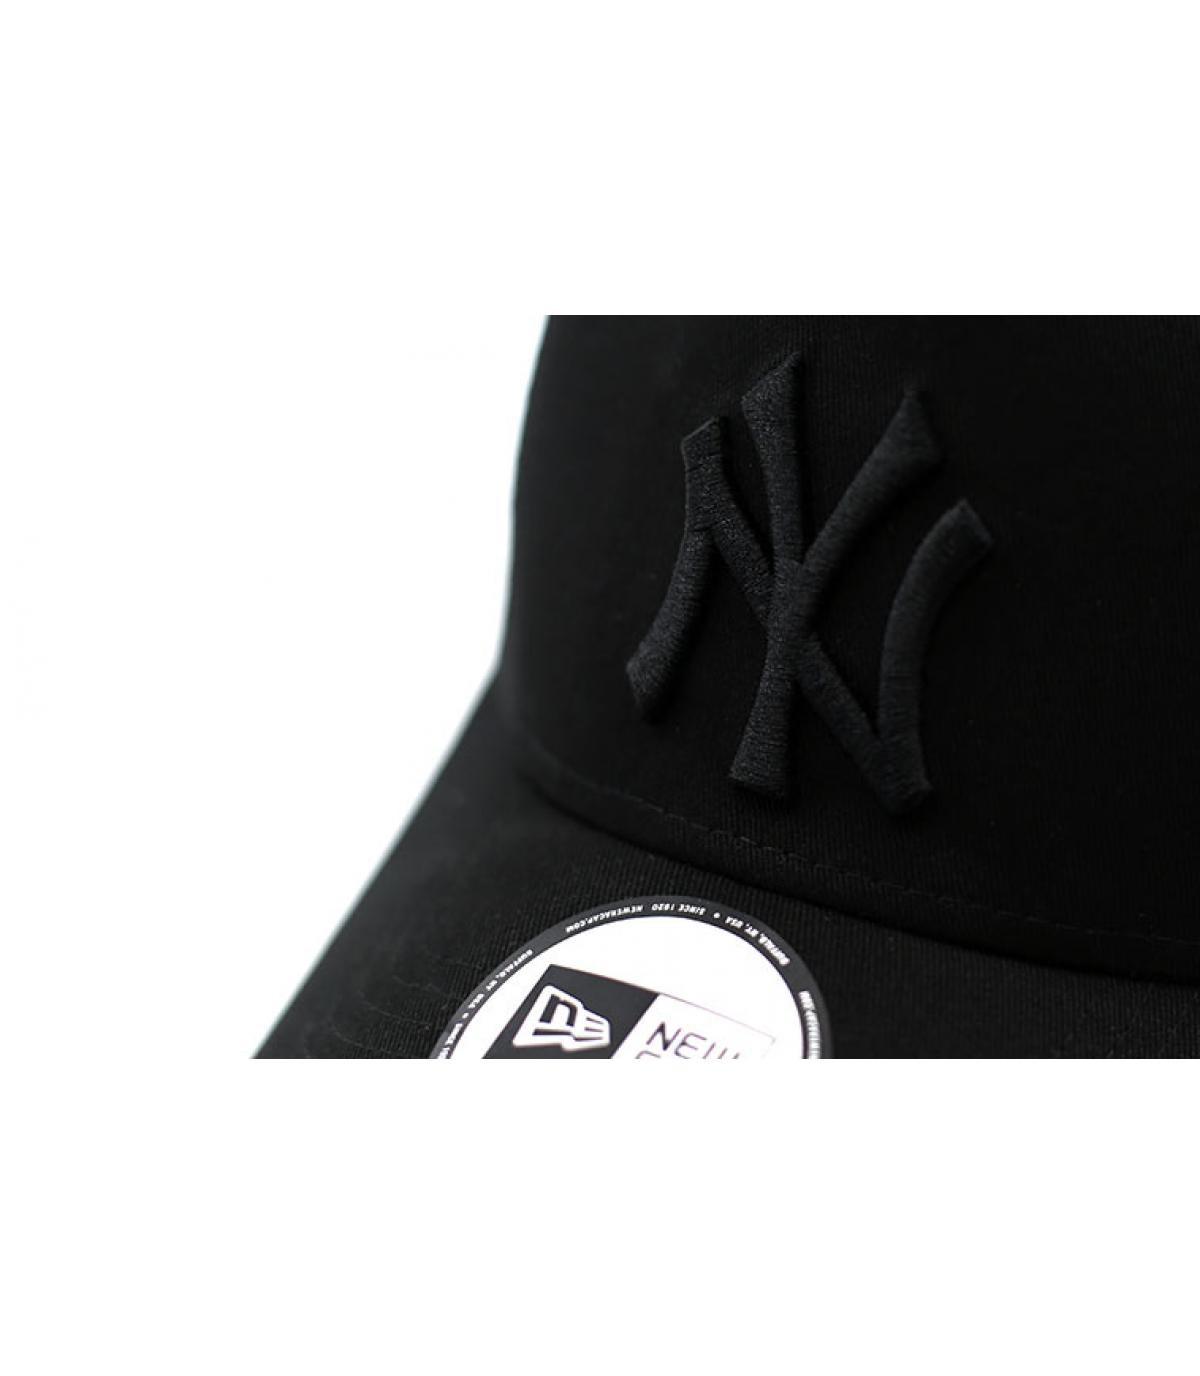 Détails Trucker League Ess NY black black - image 3